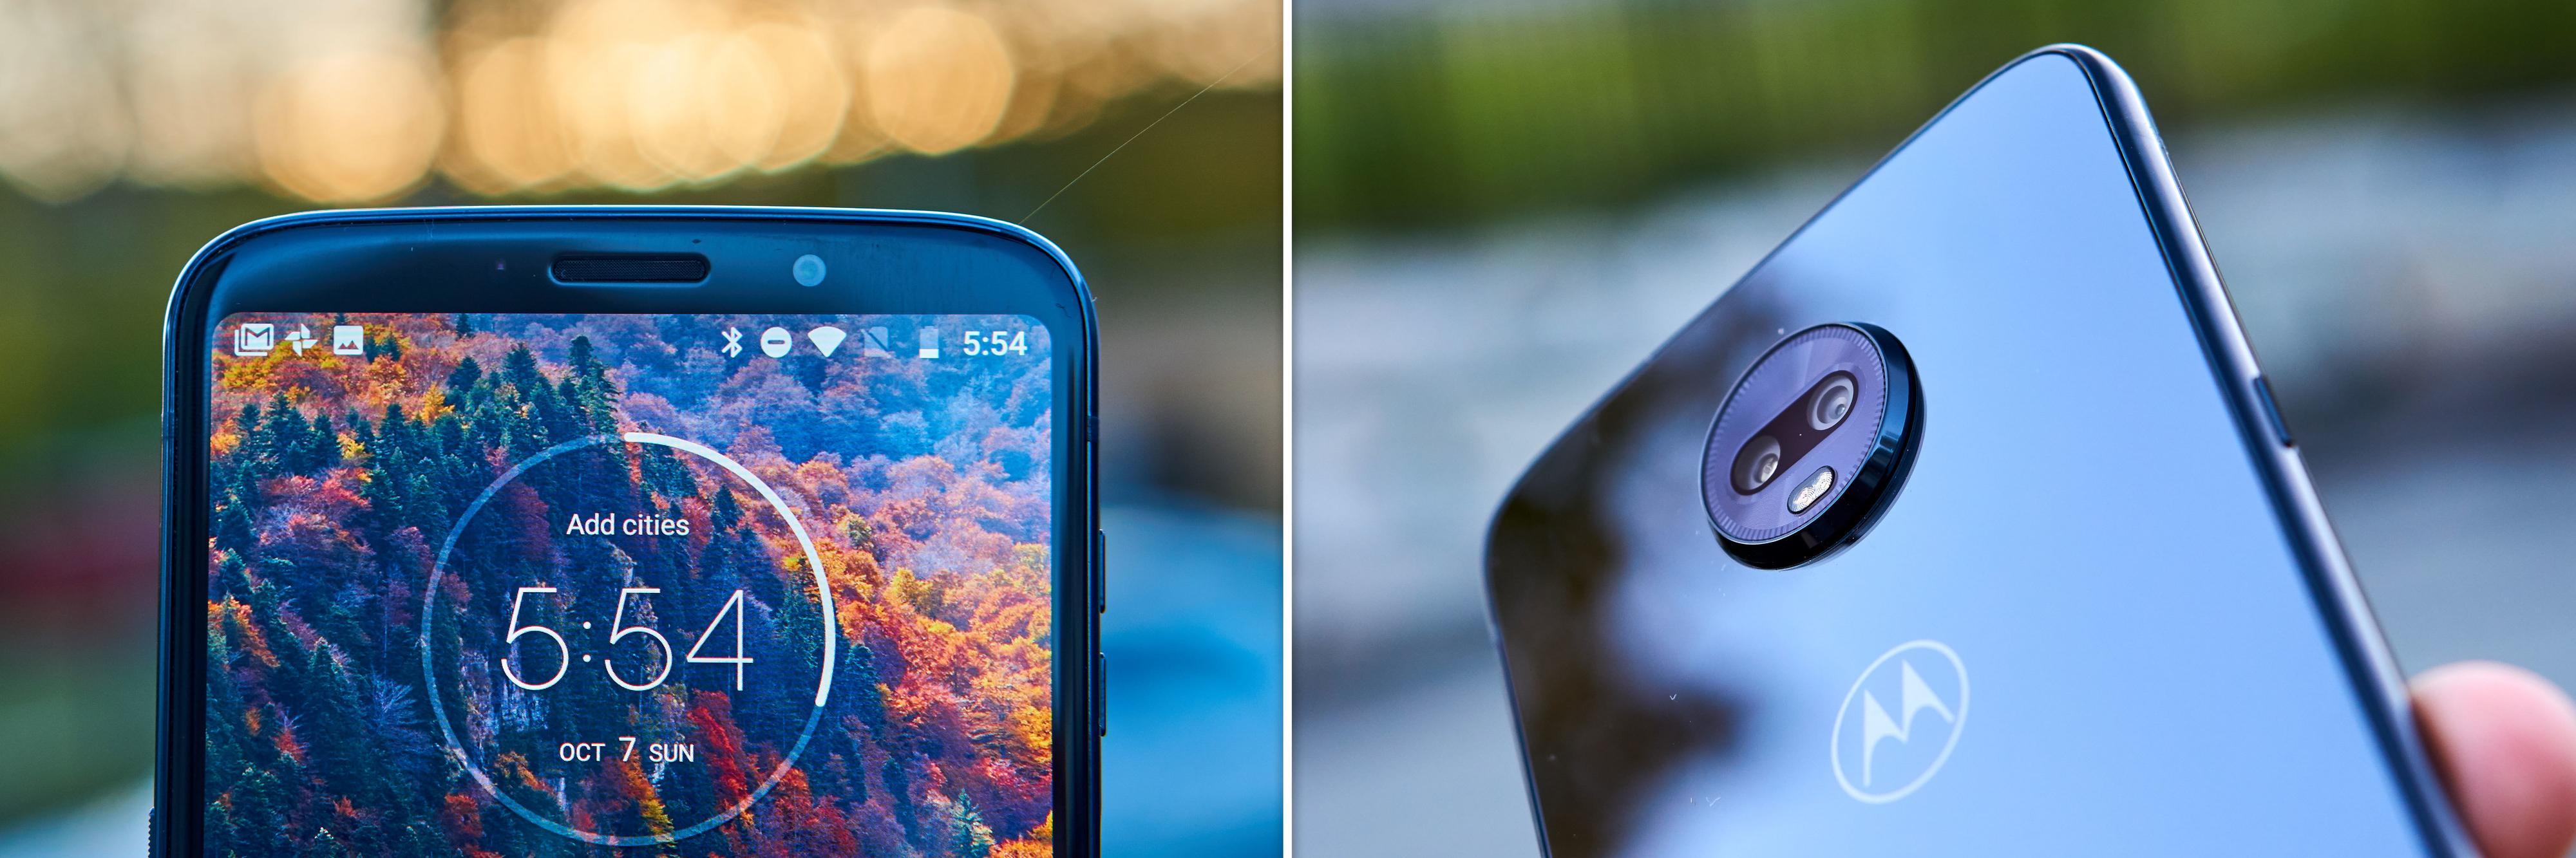 Både de to kameraene bak og det éne foran er knallgode.